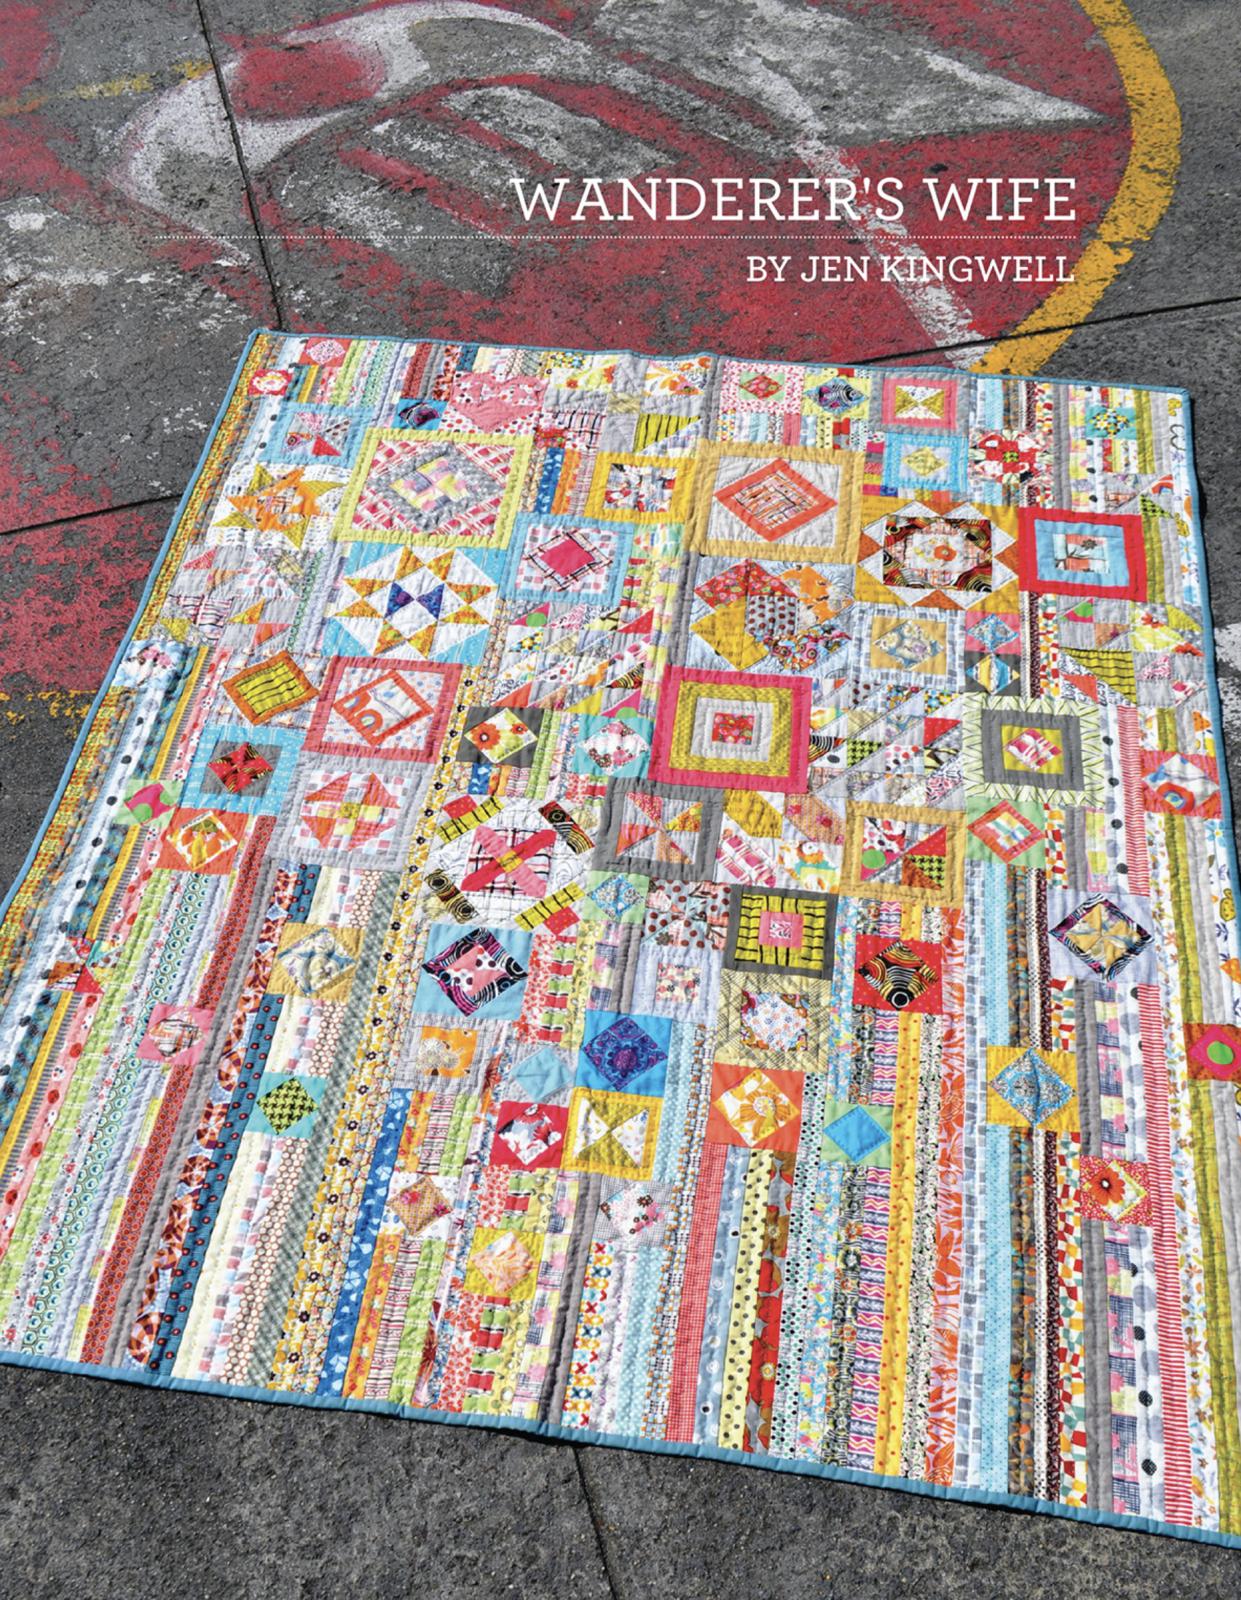 Wanderer's Wife Booklet by Jen Kingwell